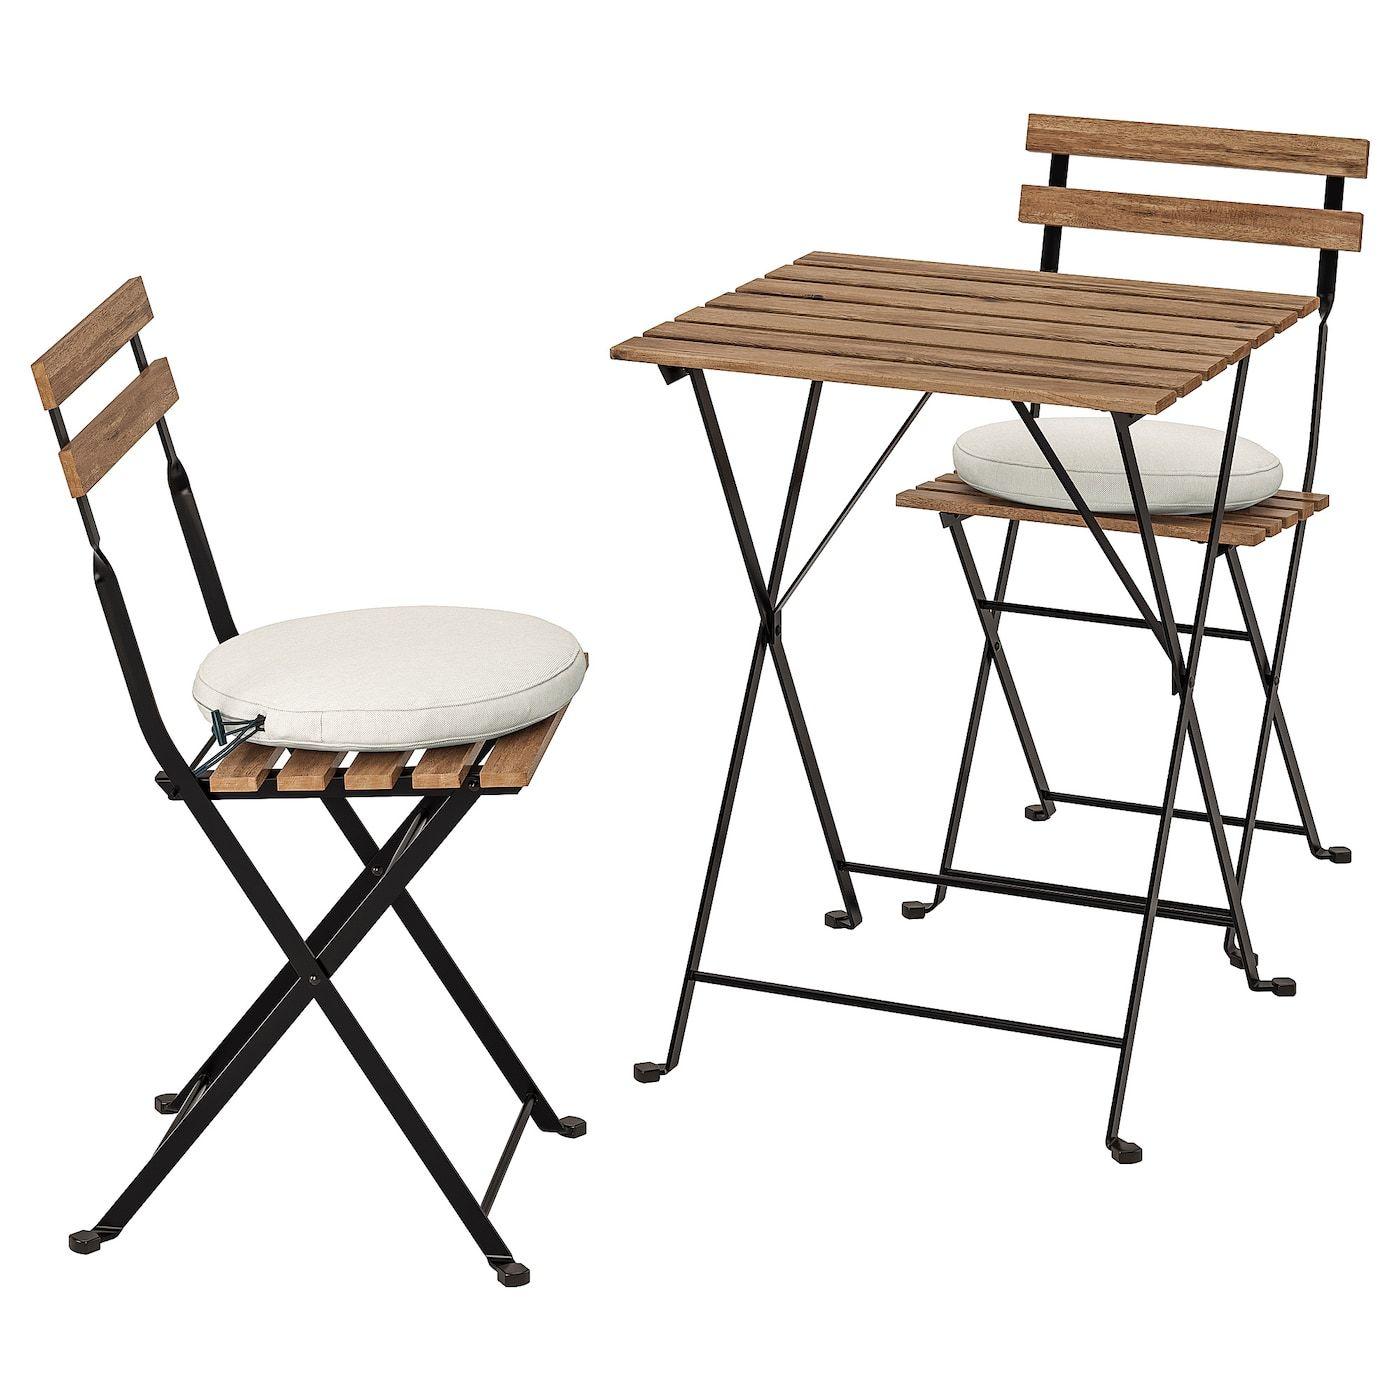 Tarno Tisch 2 Stuhle Aussen Schwarz Graubraun Lasiert Graubraun